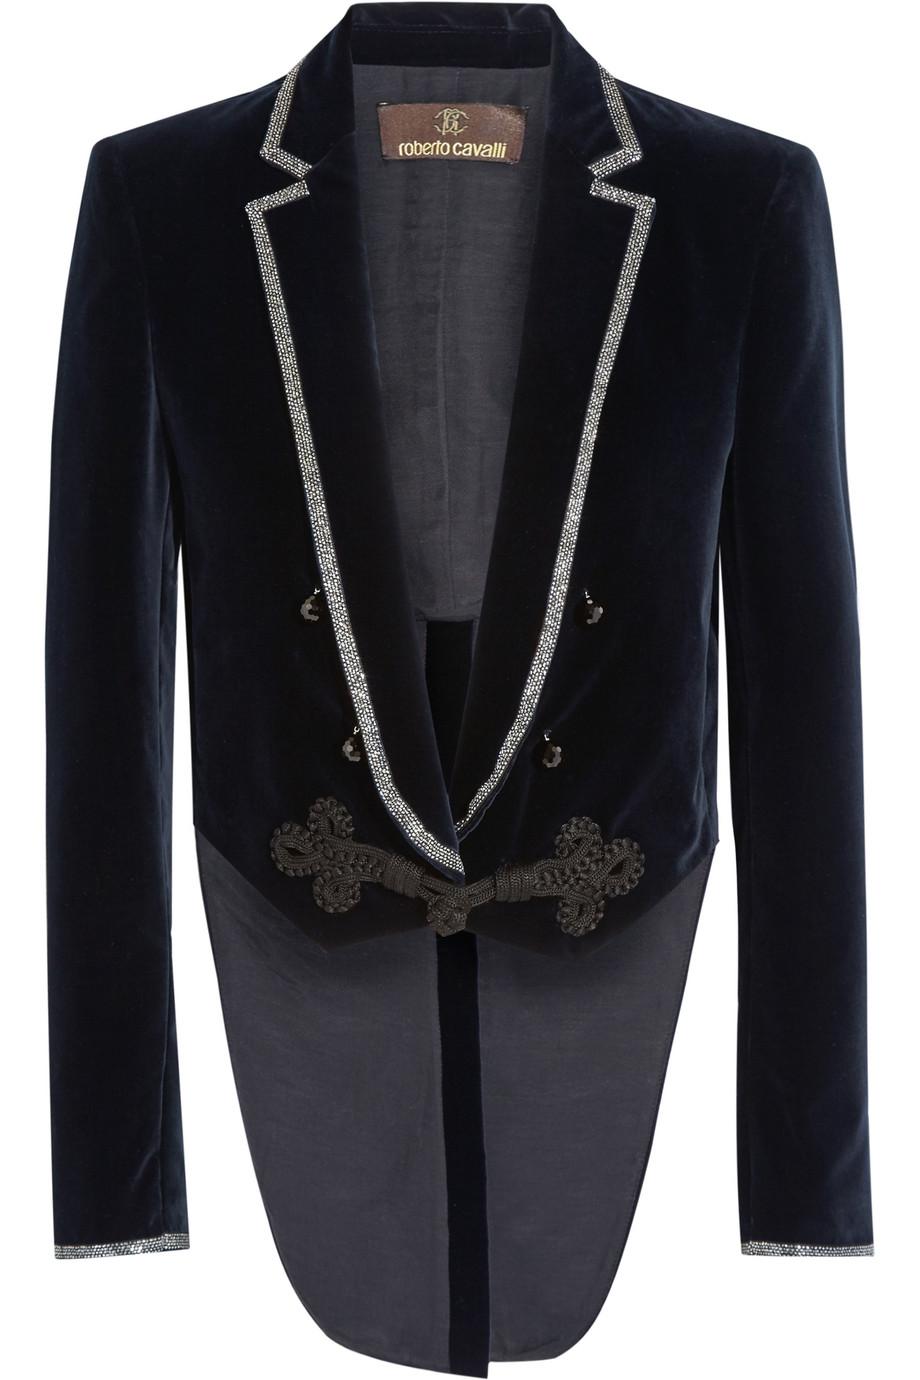 Roberto Cavalli Cropped Embellished Velvet Jacket, Size: 38